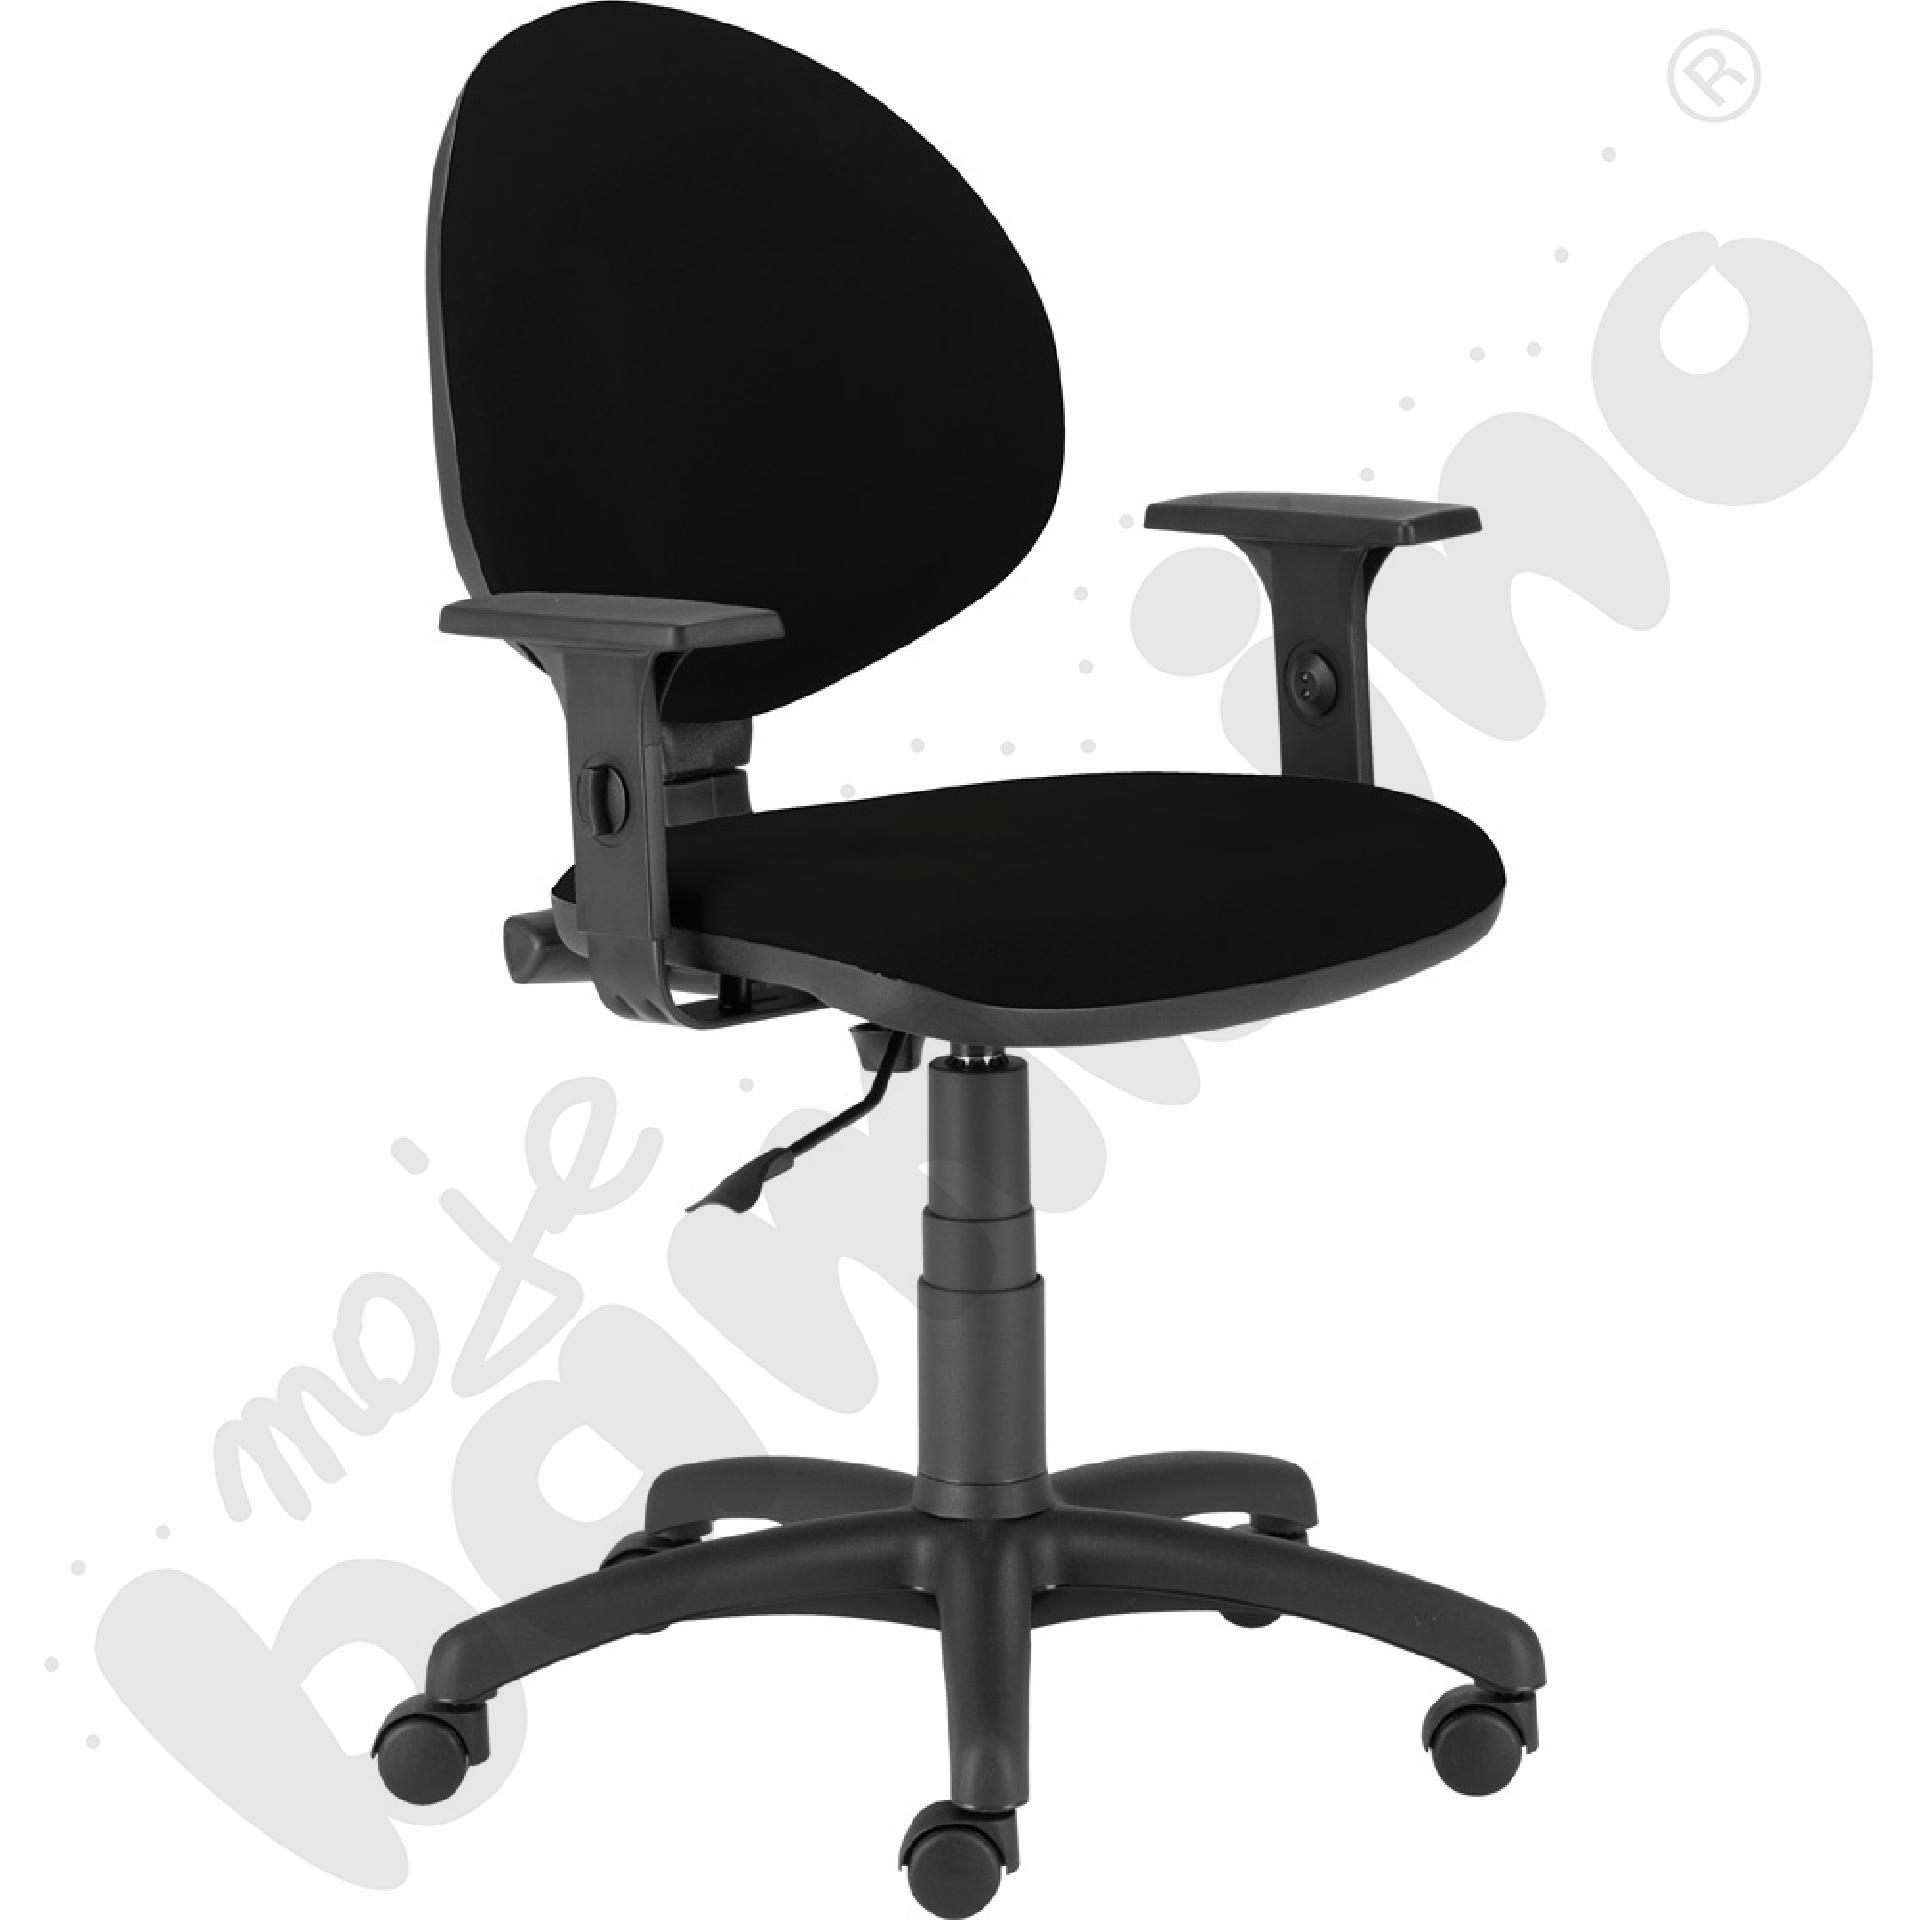 Krzesło R obrotowe SMART...